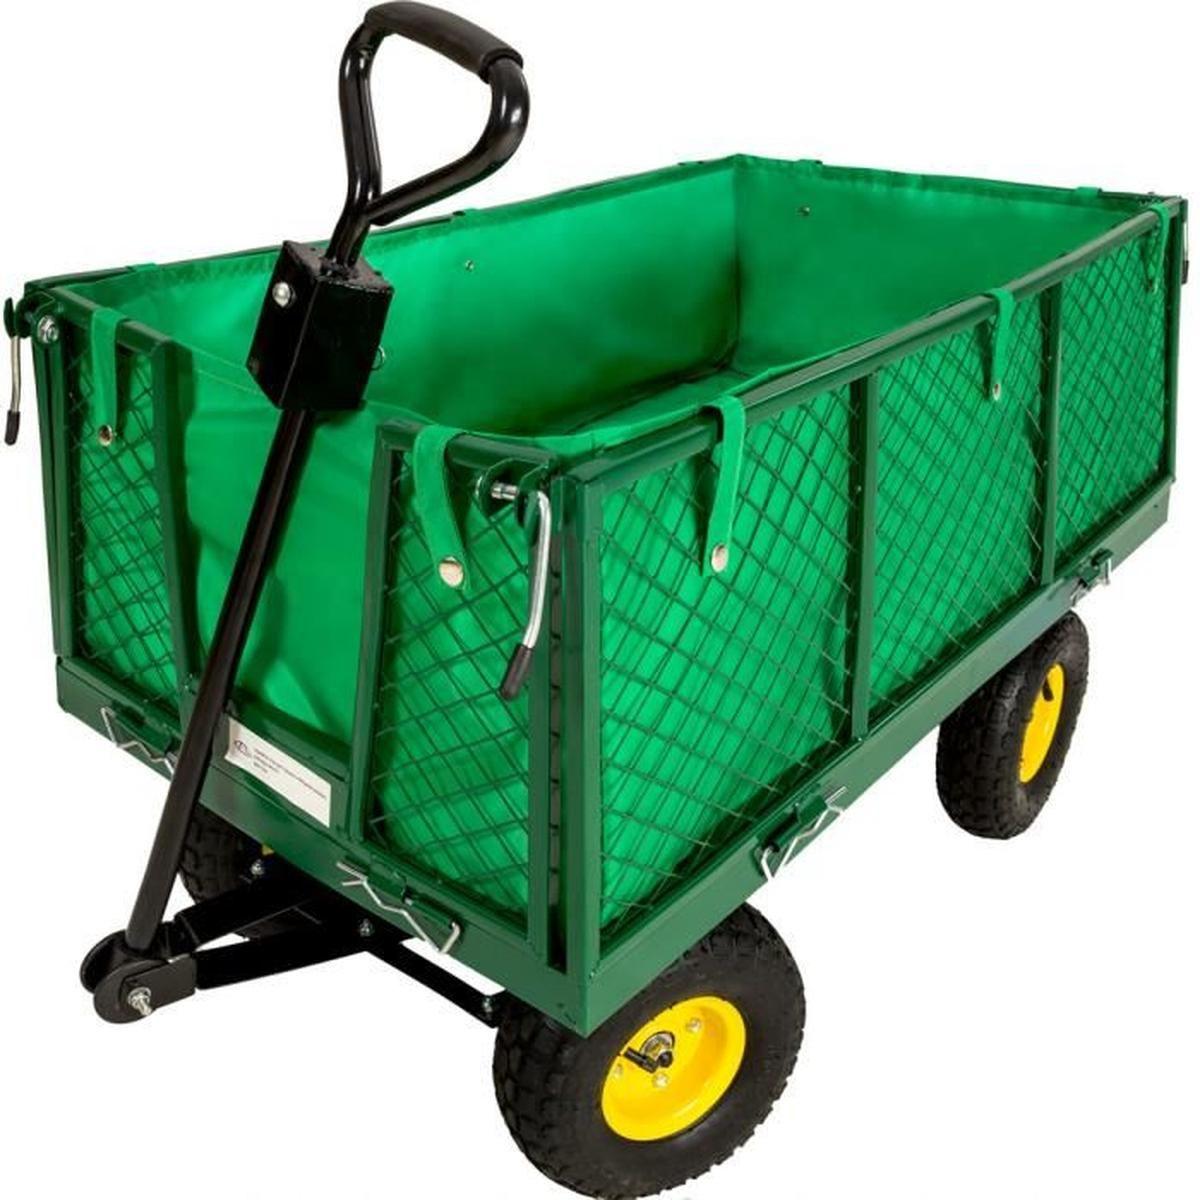 Tectake Chariot De Jardin + Bâche Charge Maximum 550 Kg Vert ... pour Chariot De Jardin 4 Roues